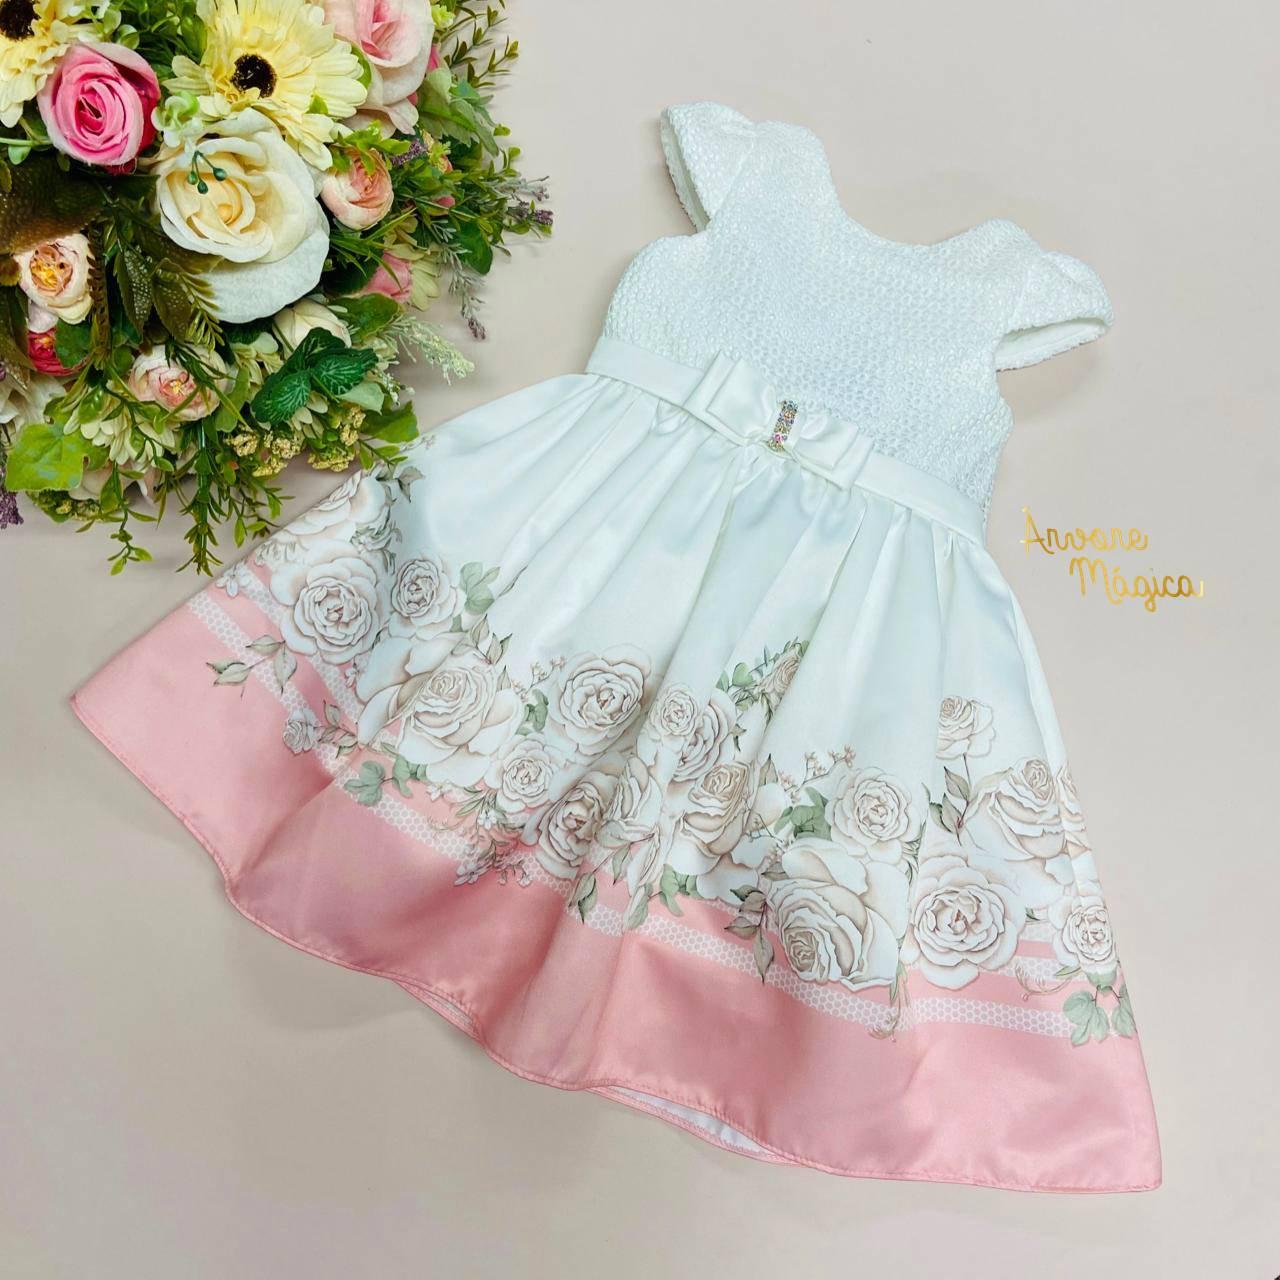 Vestido de Festa Infantil Cloe Petit Cherie